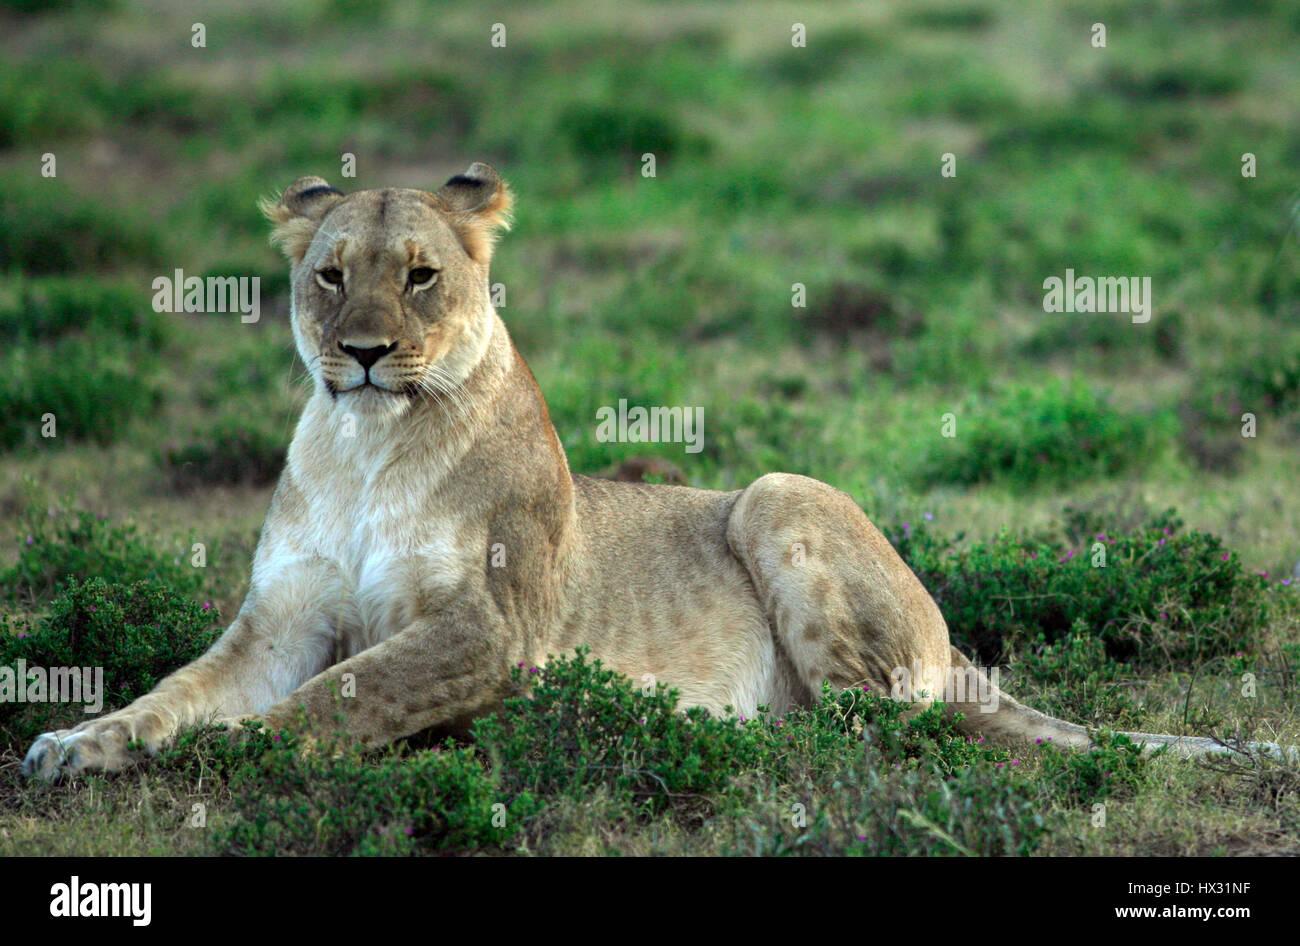 Una leona se sienta en el césped, durante un safari en una reserva privada de caza en Sudáfrica el 18 de marzo de 2017. © John Voos Foto de stock